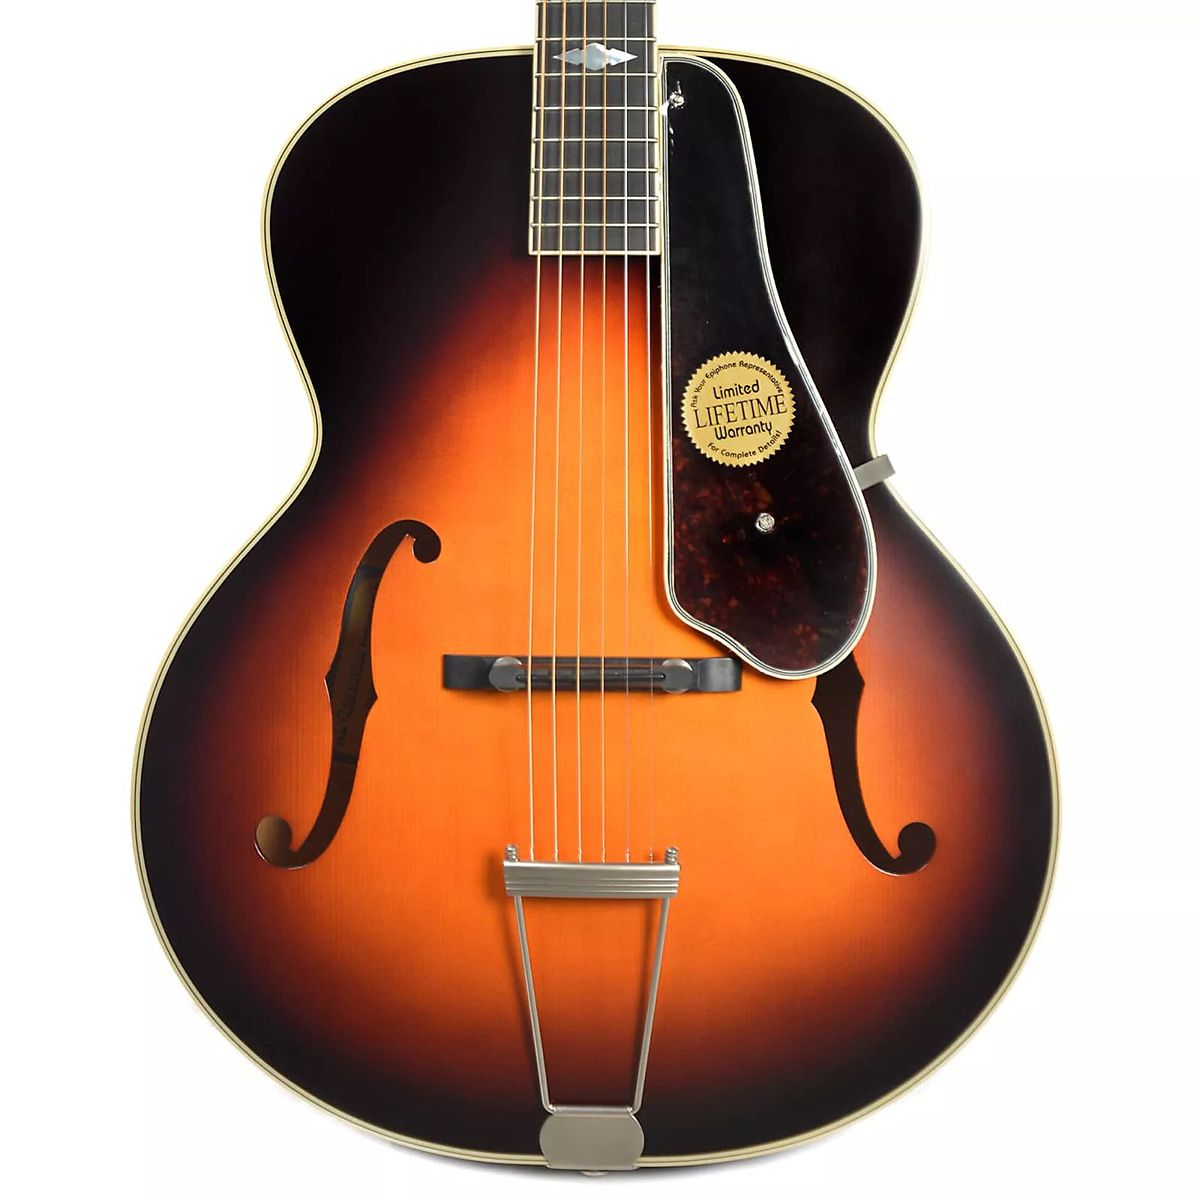 Guitarra Epiphone Masterbilt Deluxe Classic Vintage Sunburst